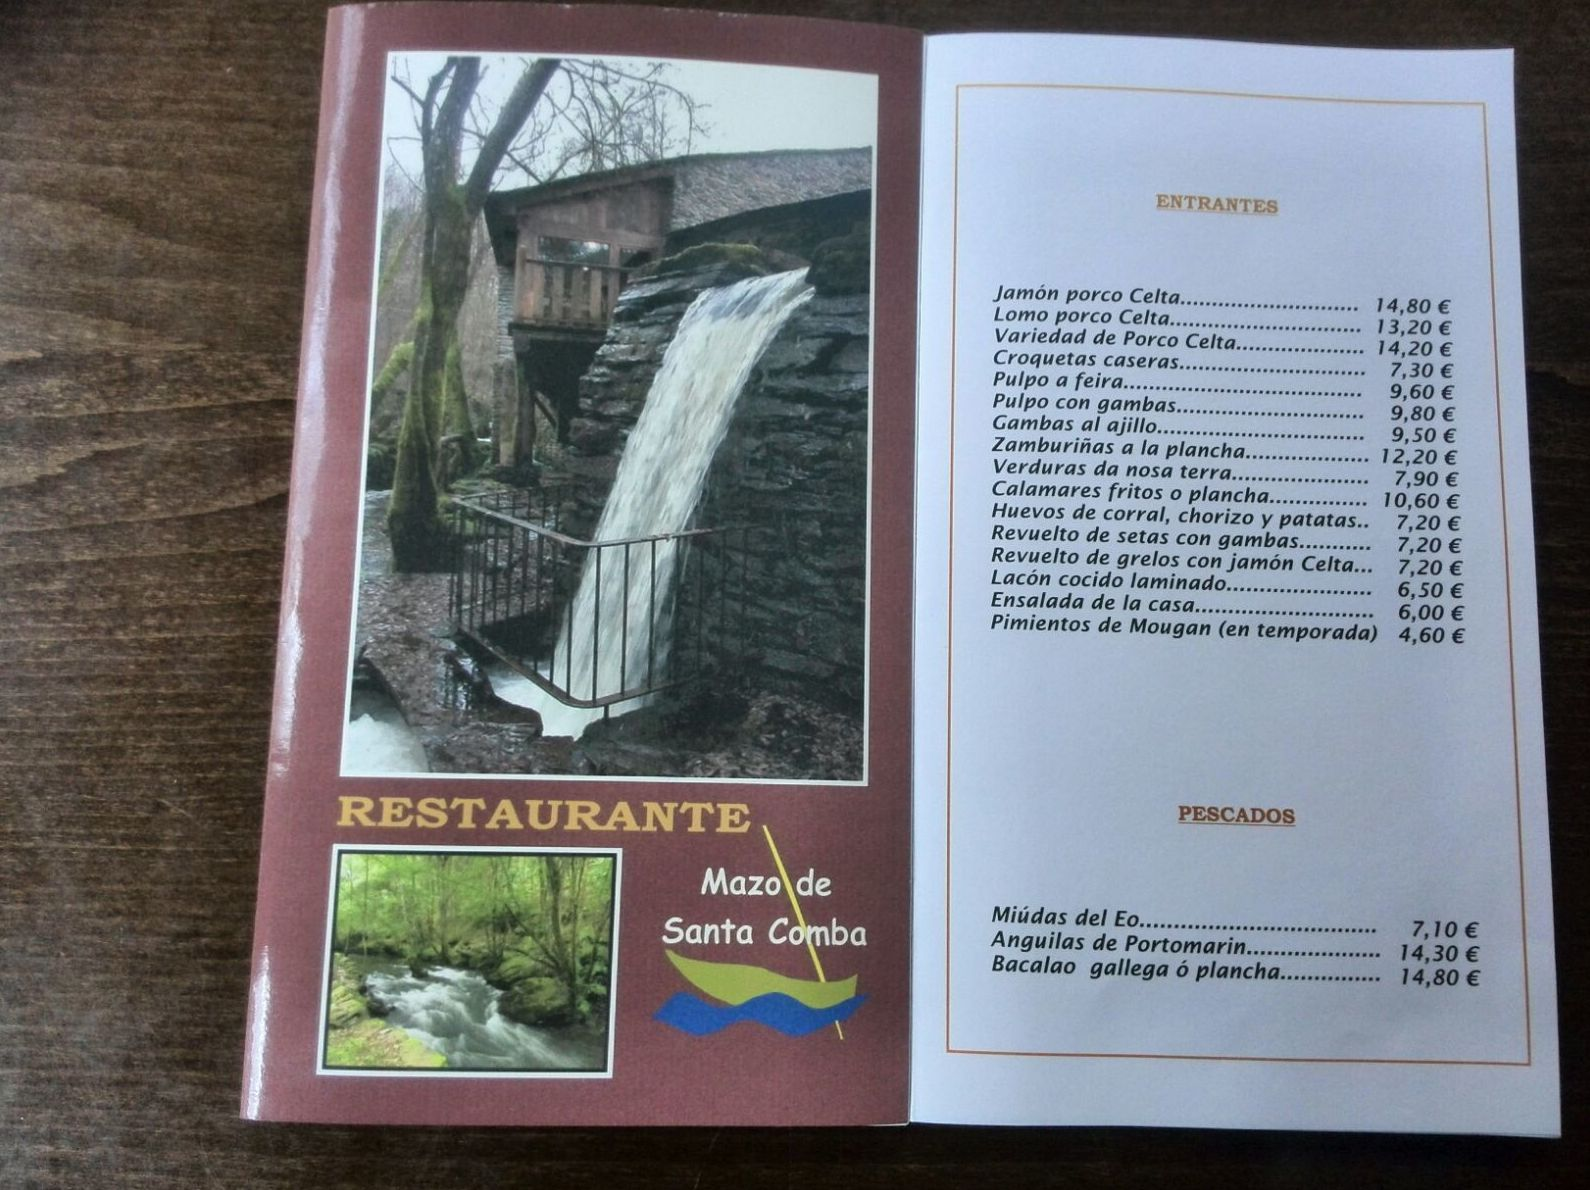 Foto 5 de Restaurante en Lugo | Mazo de Santa Comba